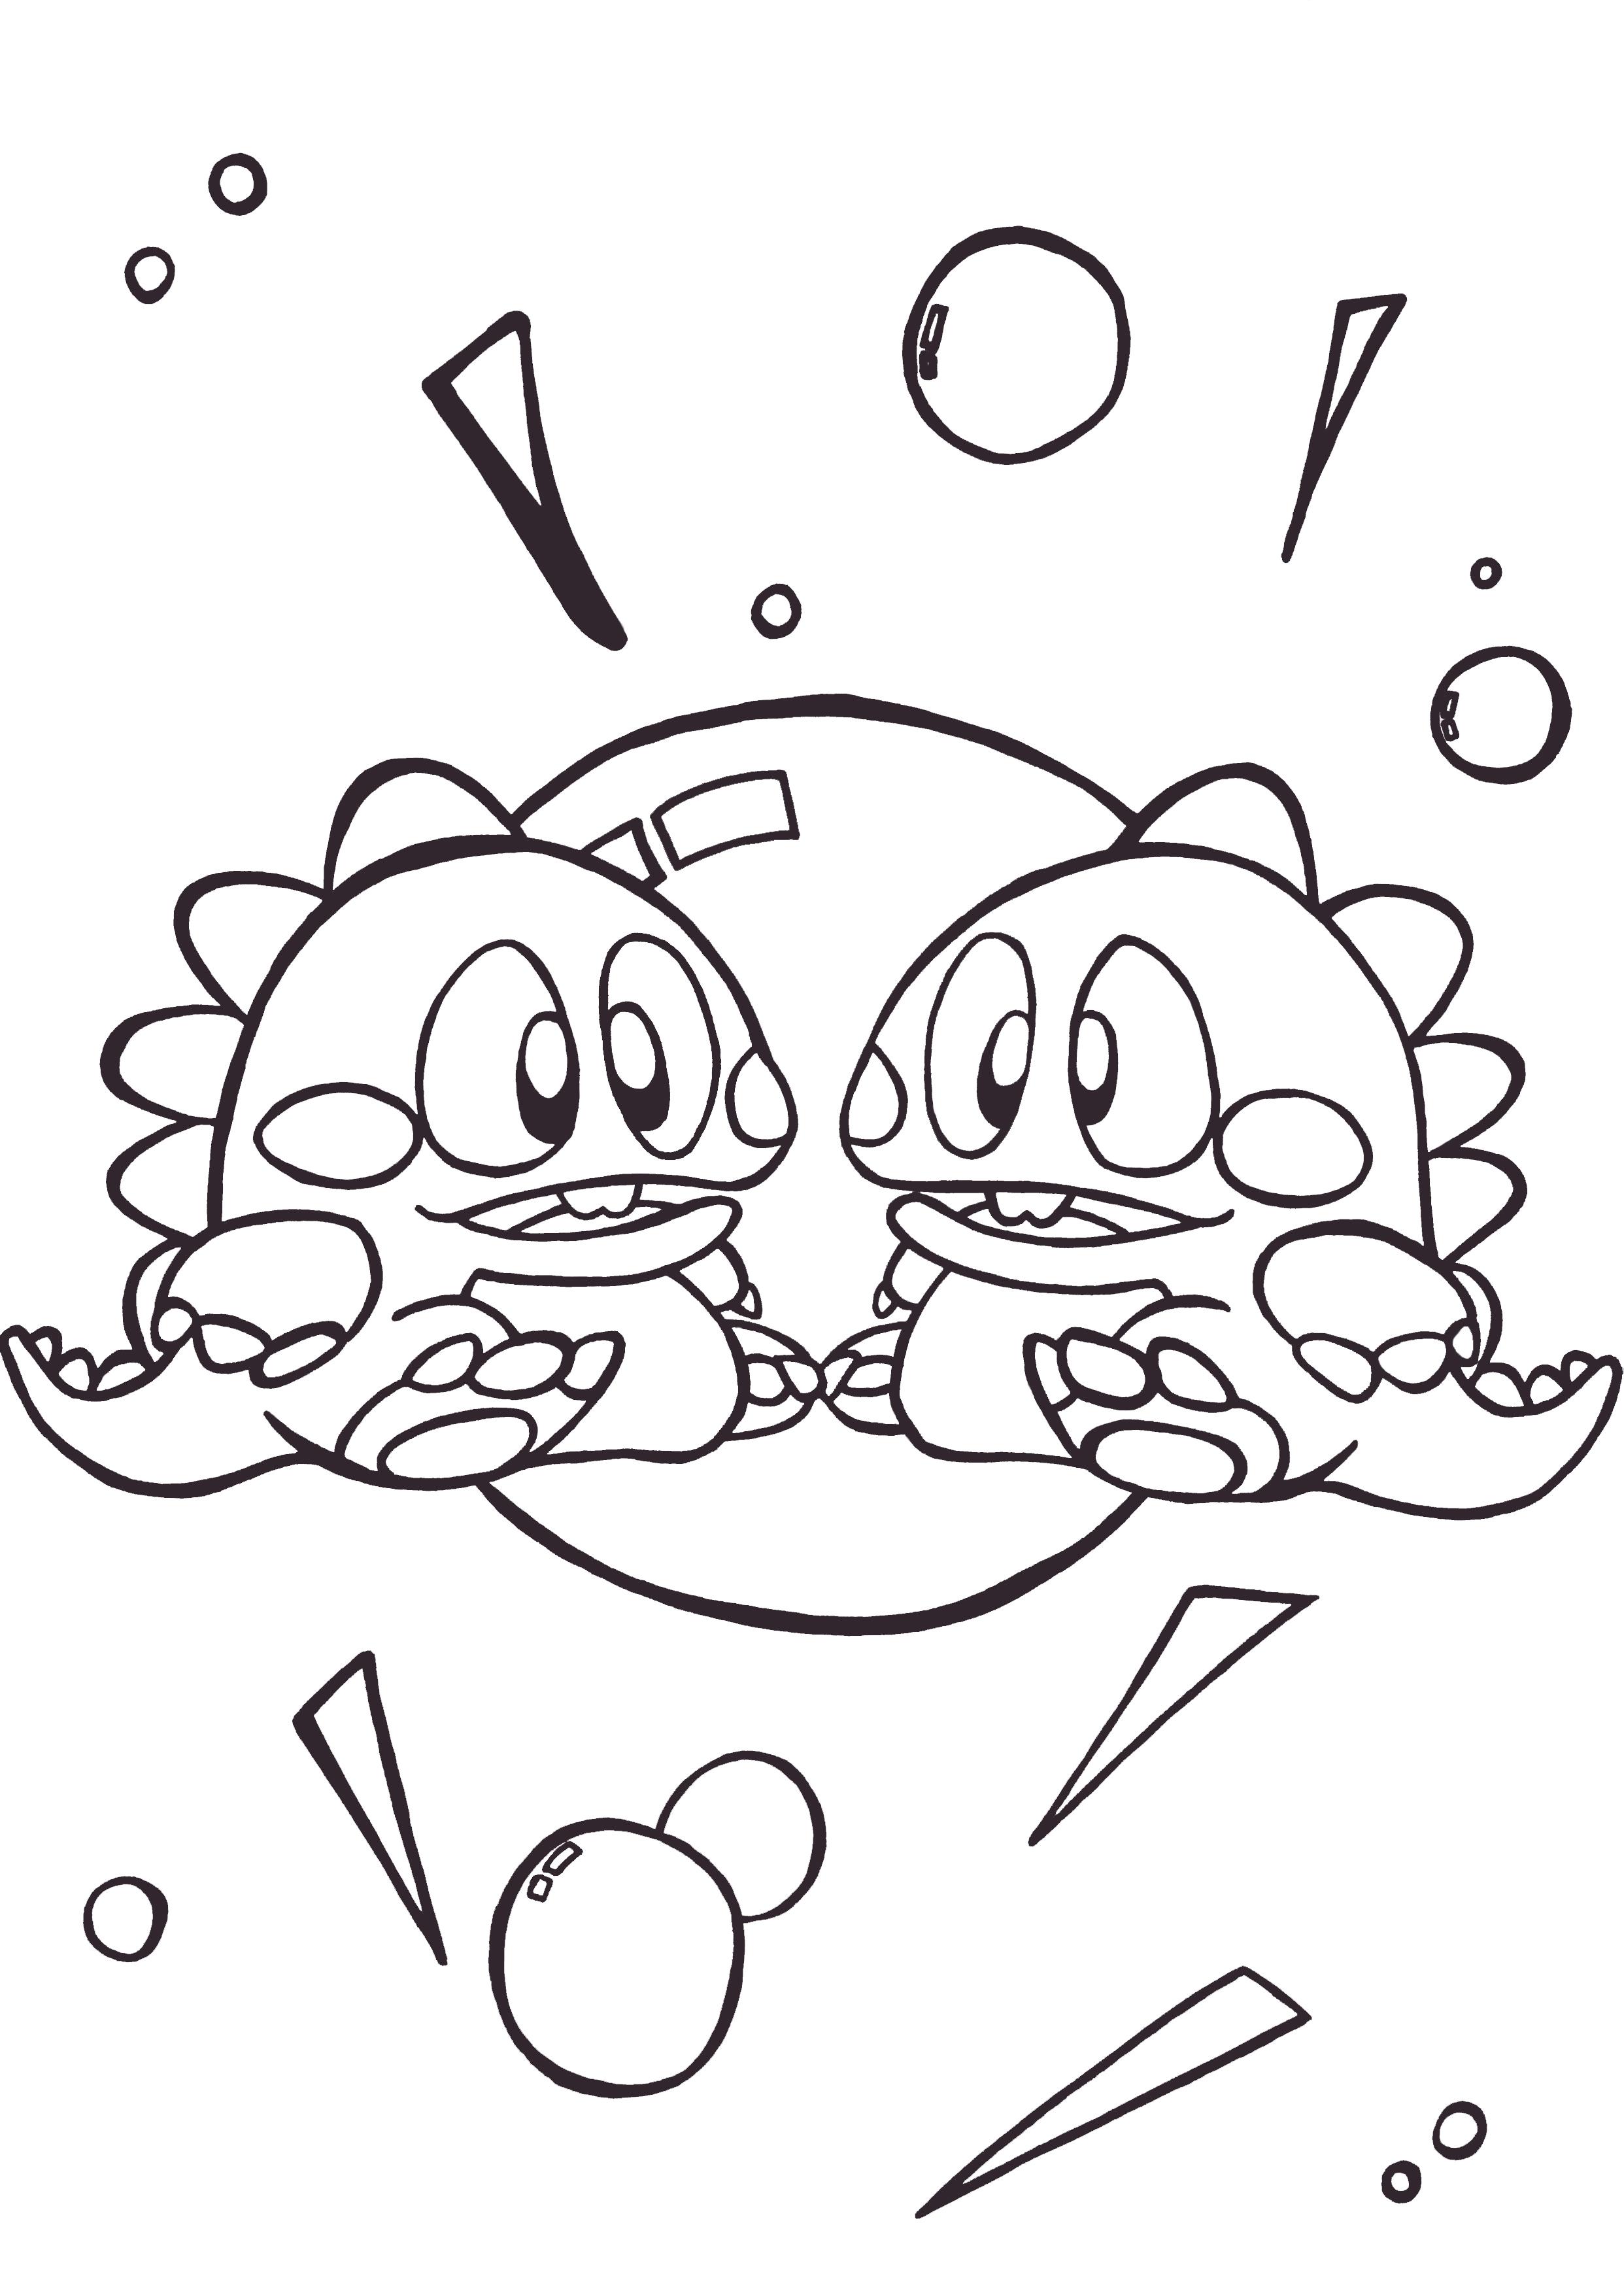 2484x3504 Michelle Darry Cartoon Amp Video Game Artist Line Work